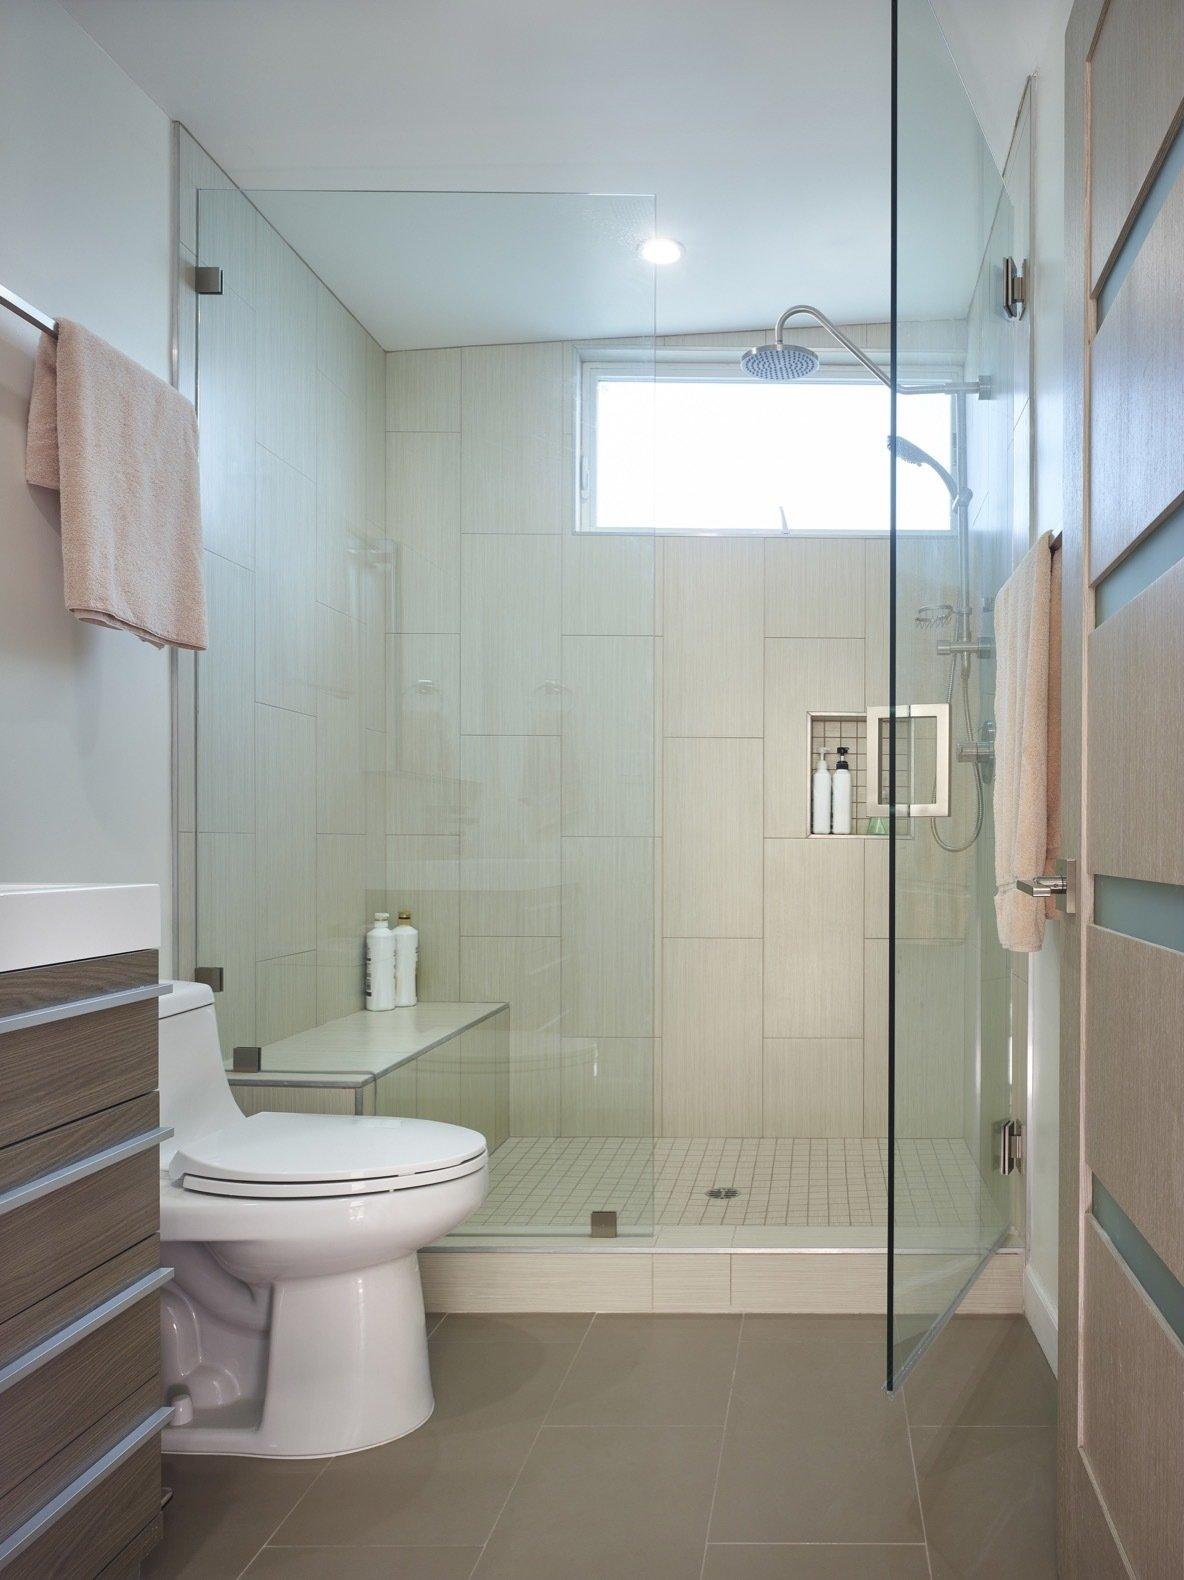 Rodgers ADU bathroom